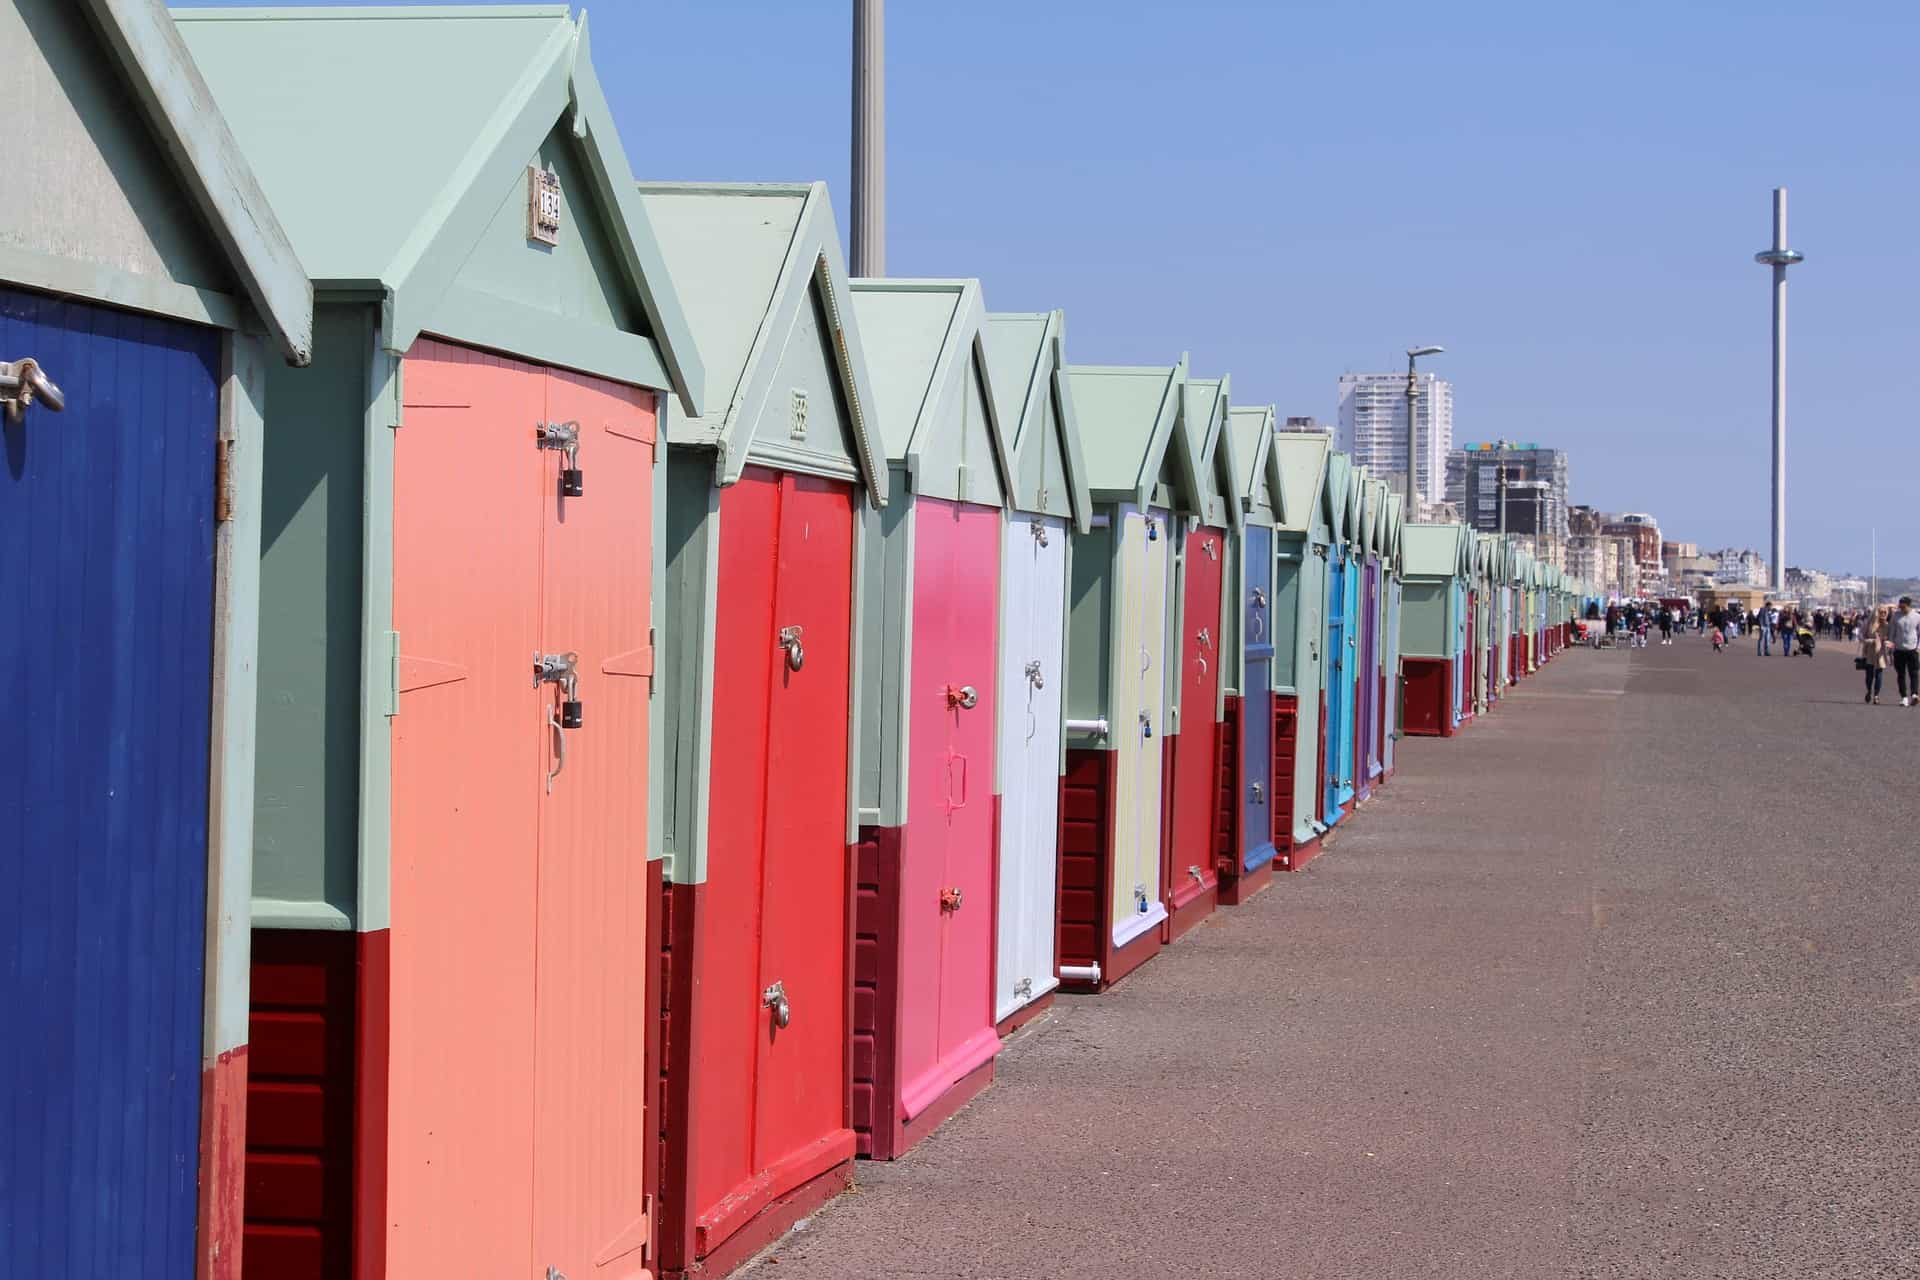 أكواخ الشاطئ الجميلة متعددة الألوان في برايتون